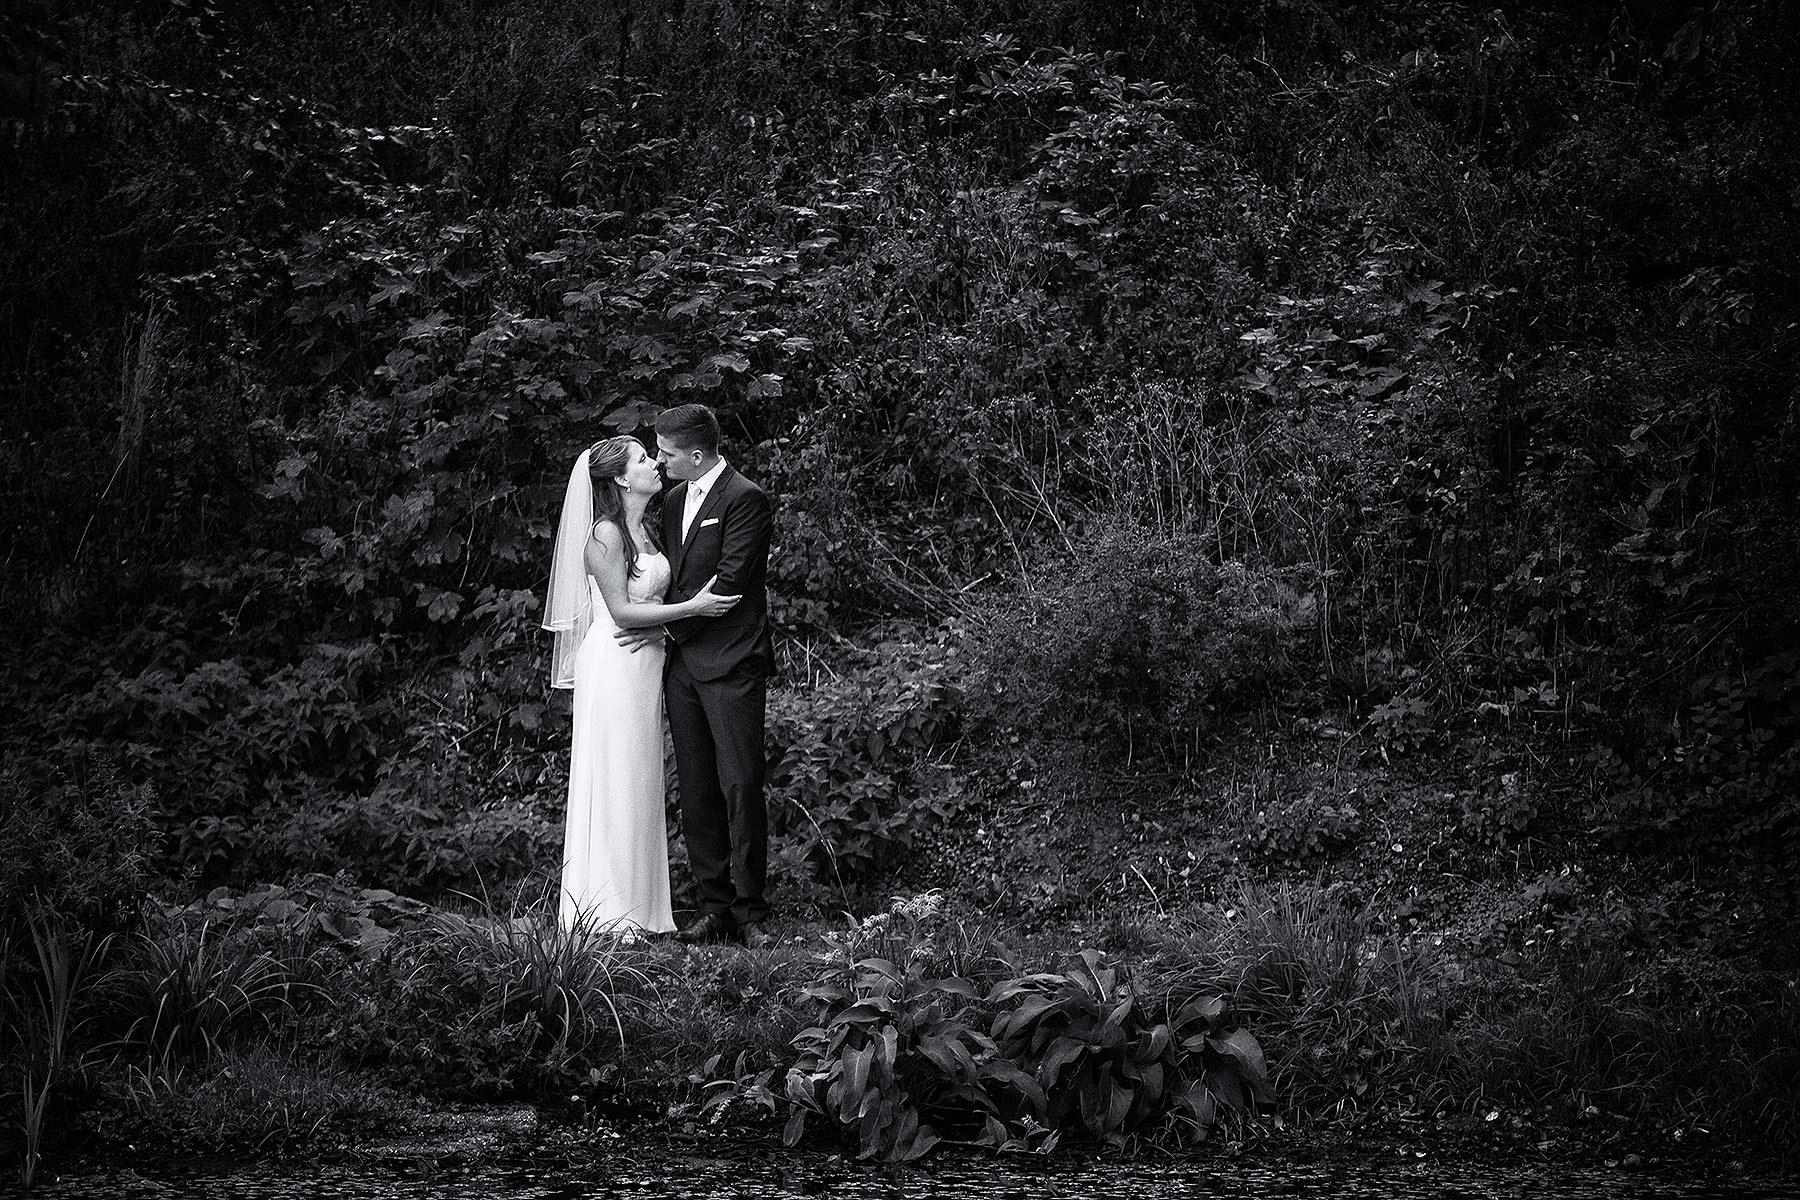 Hochzeitsfotos müssen nicht immer hell und freundlich sein. Schwarzweiß. Dunkel. Melancholisch. Fotograf Mike Bielski